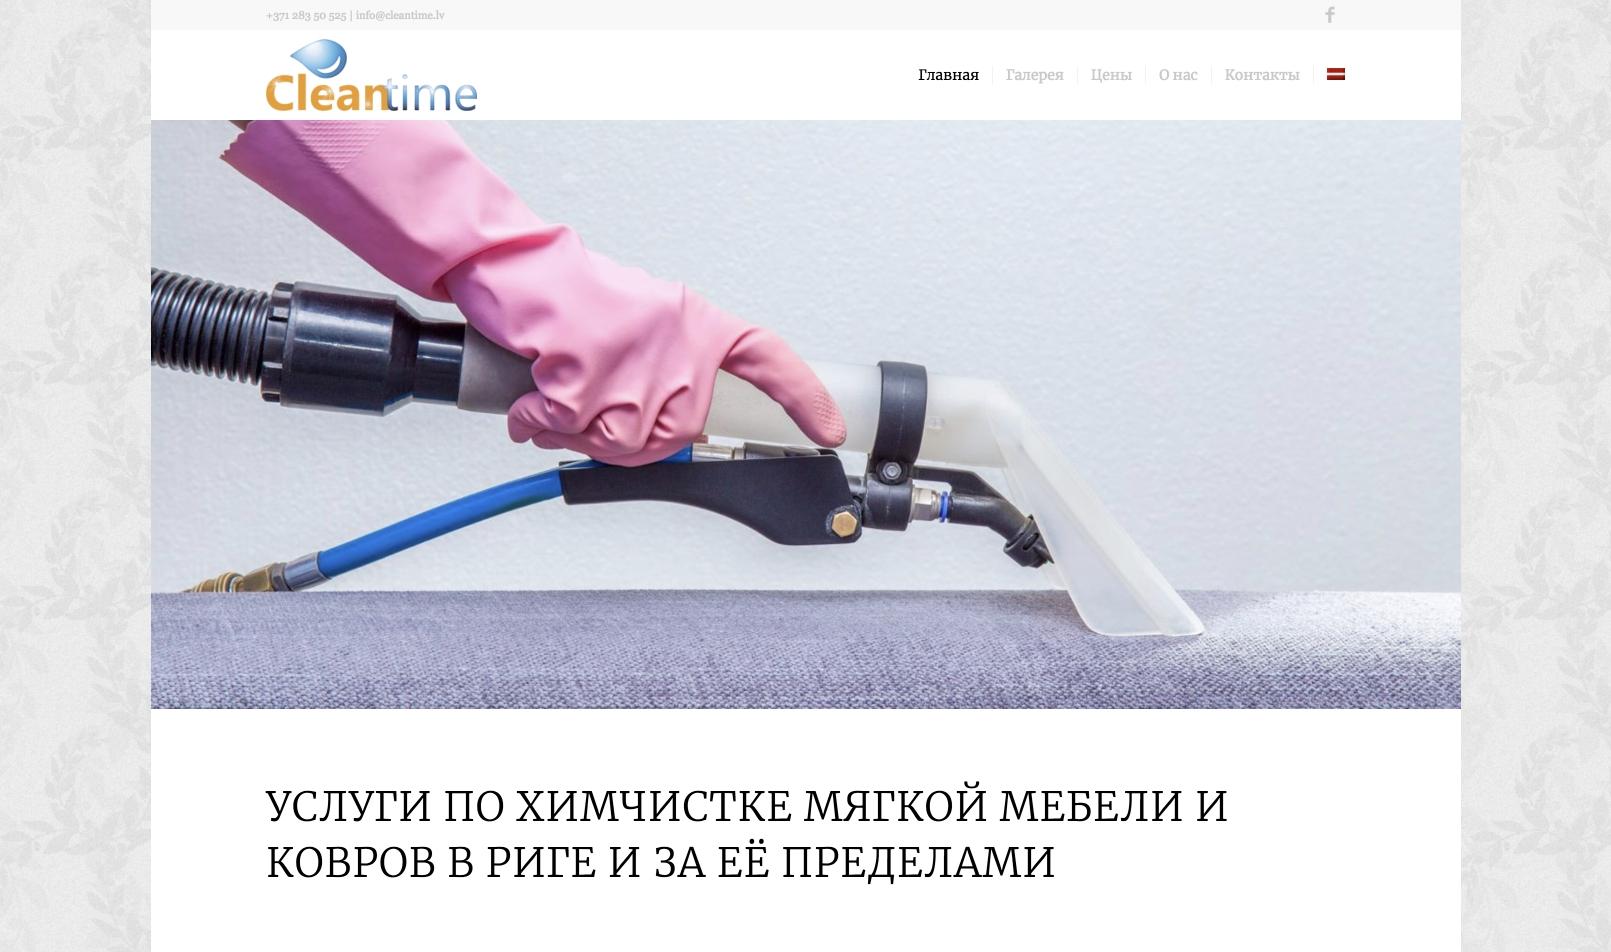 Разработка сайта для сервиса по чистке мягкой мебели